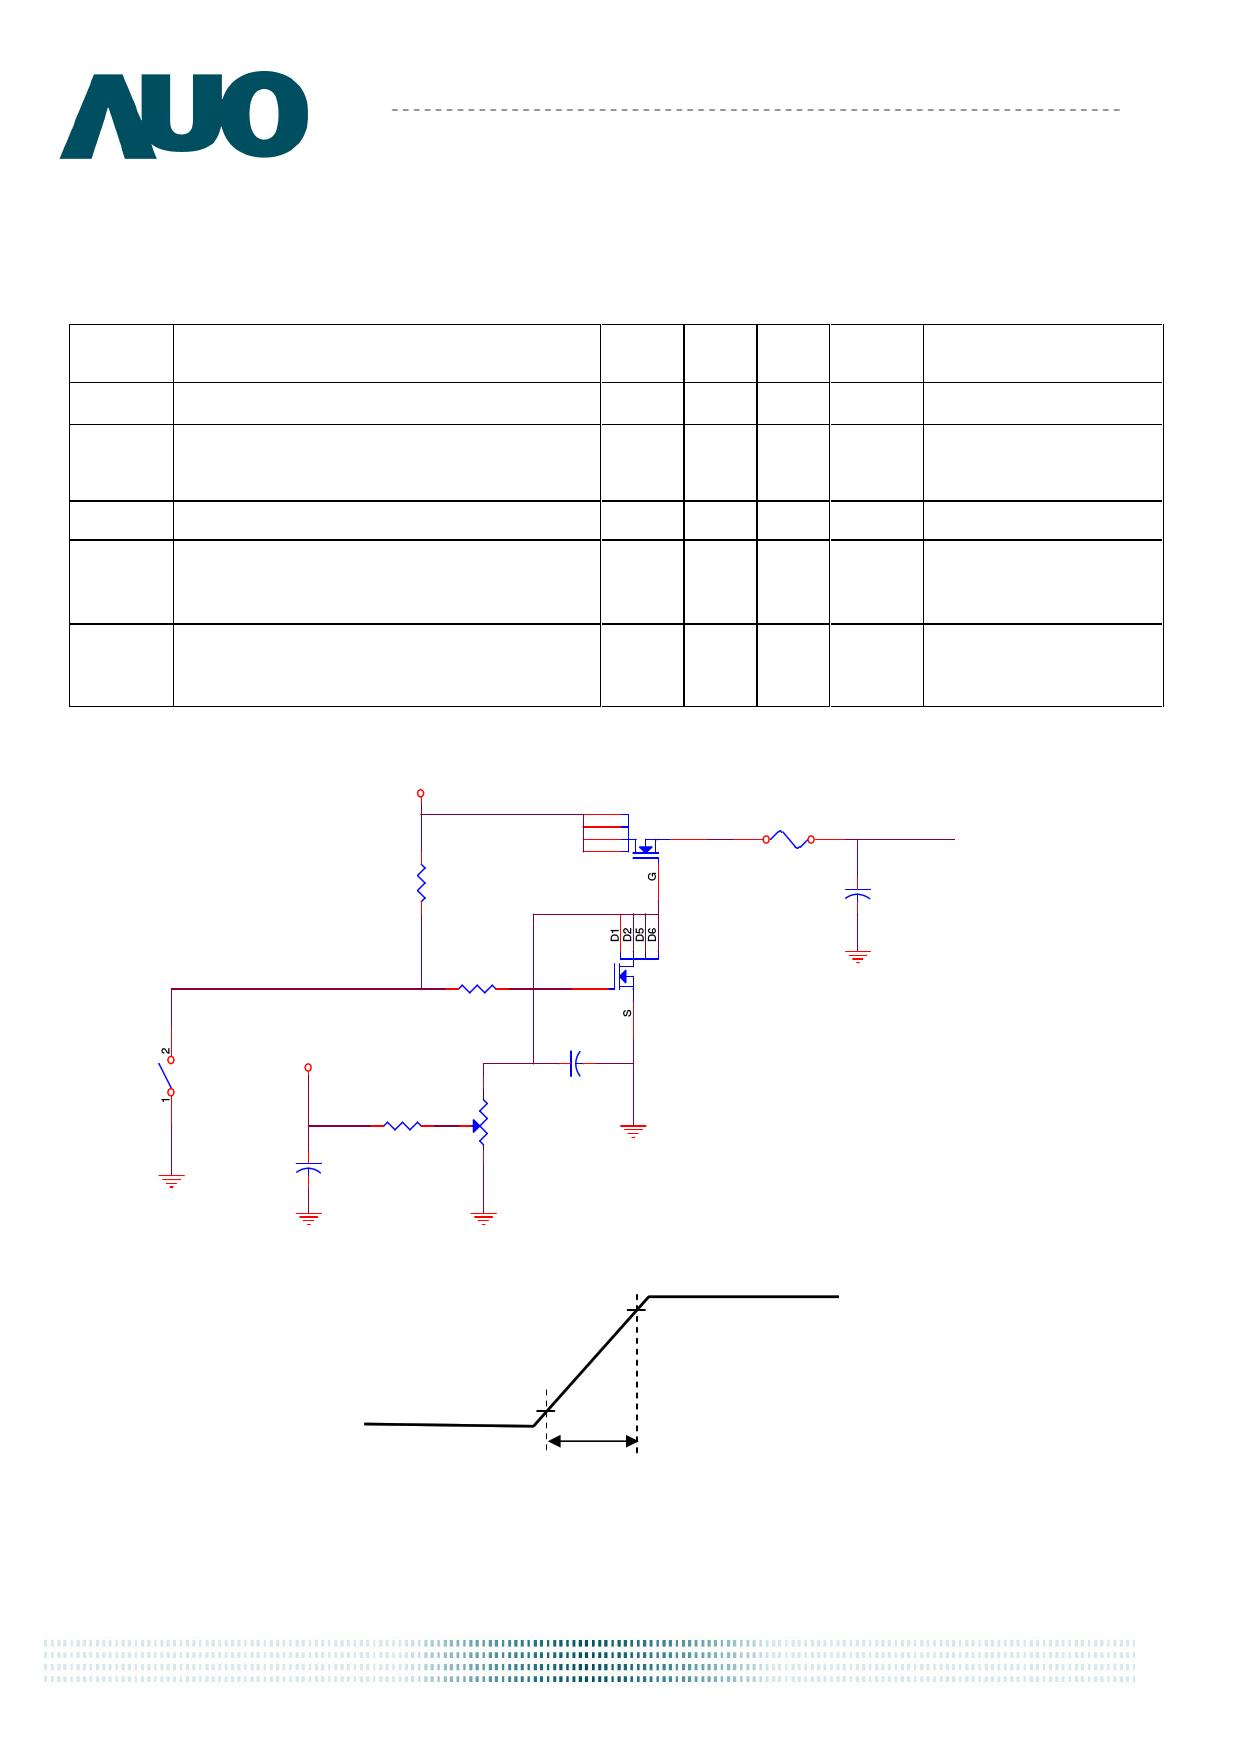 G057QN01_V0 arduino